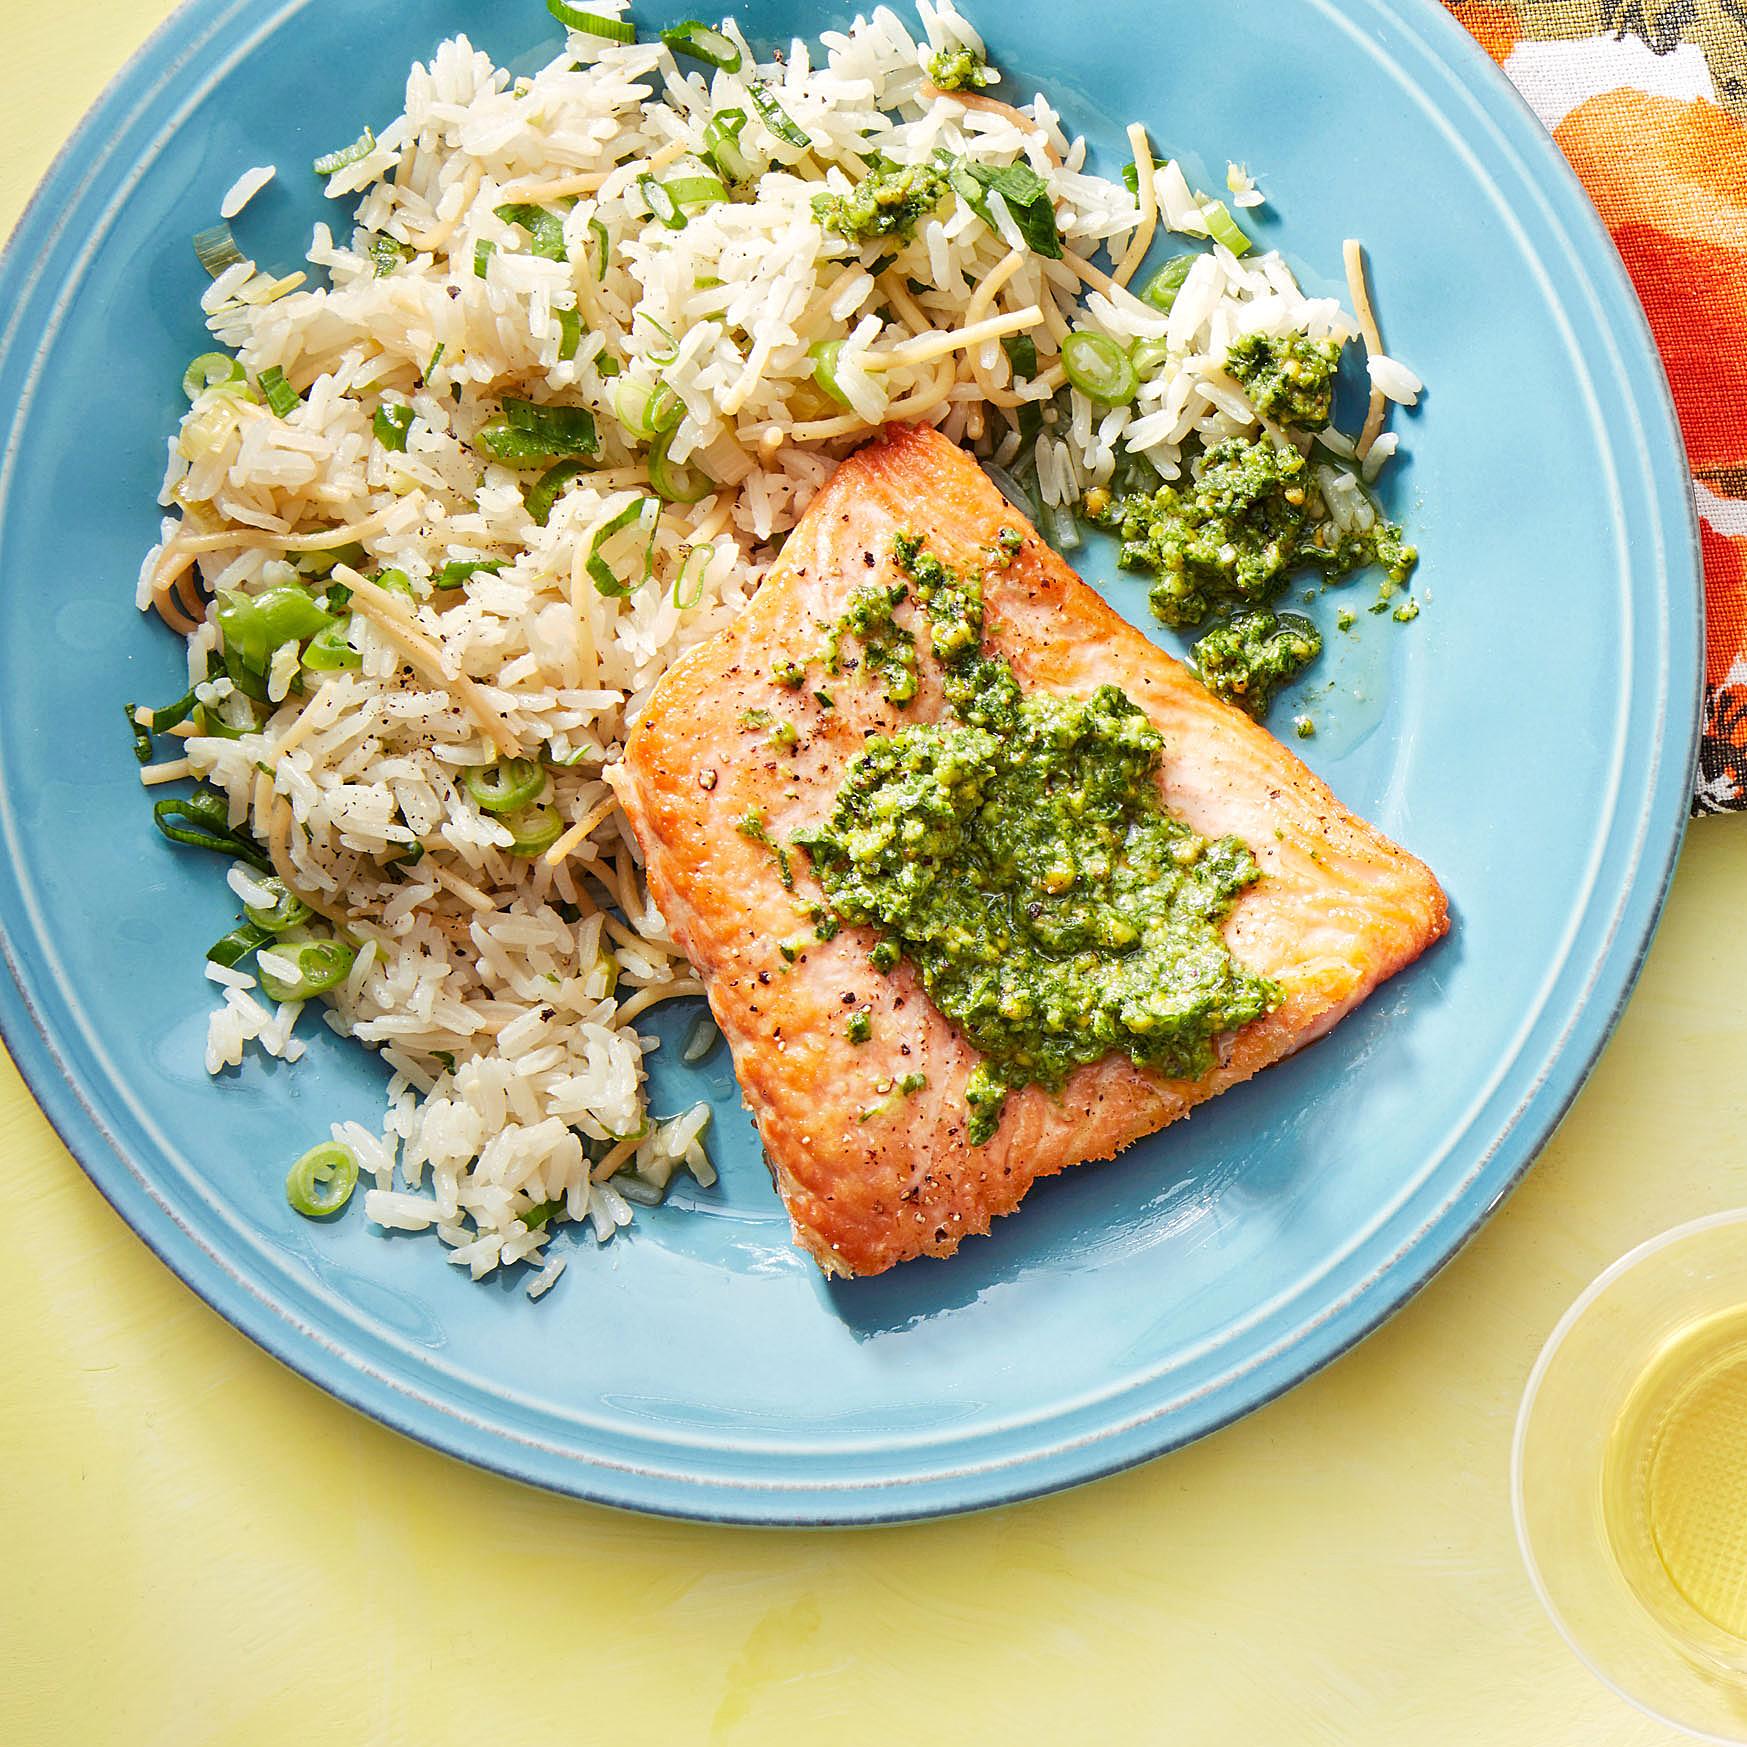 salmon with pistachio-parsley pesto